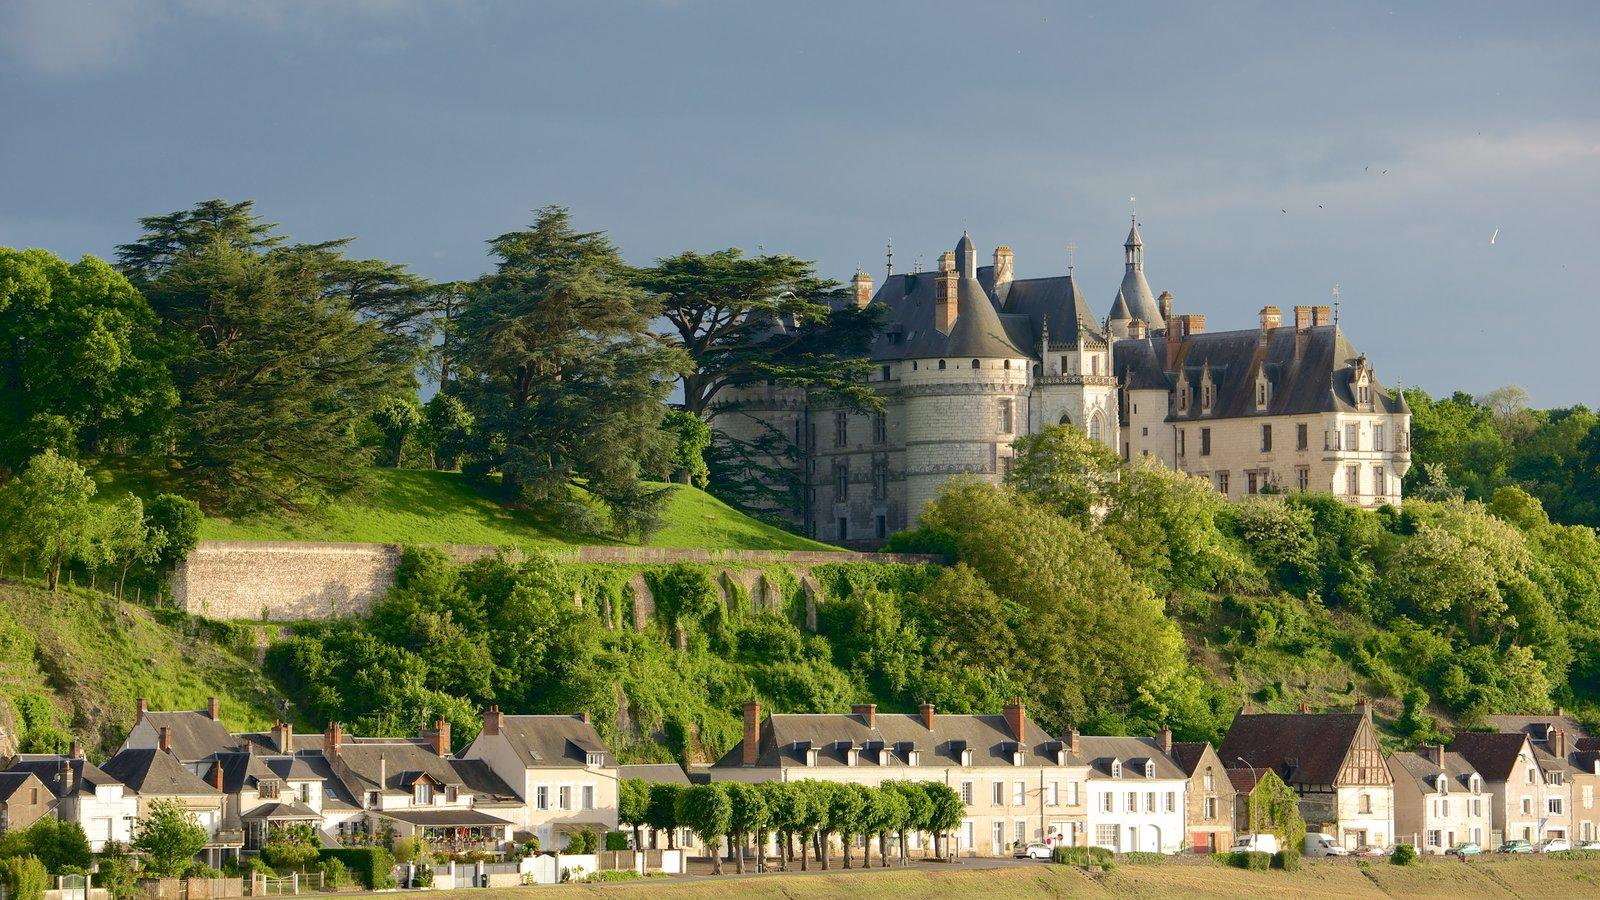 Connu Chateau de Chaumont Pictures: View Photos & Images of Chateau de  IK52